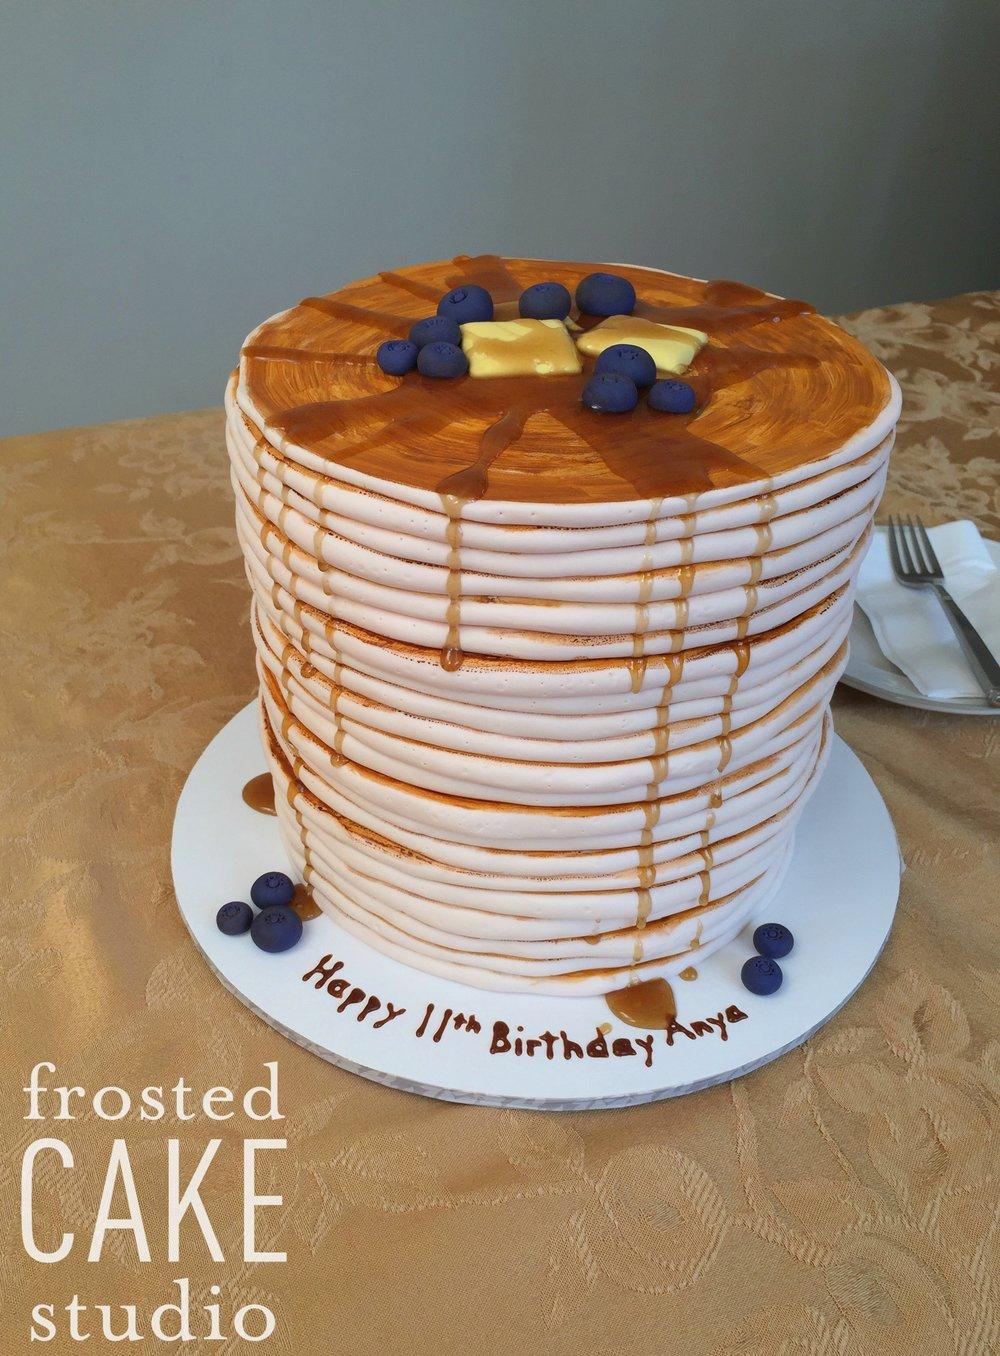 FrostedCakeStudio cake pancake stack.jpg